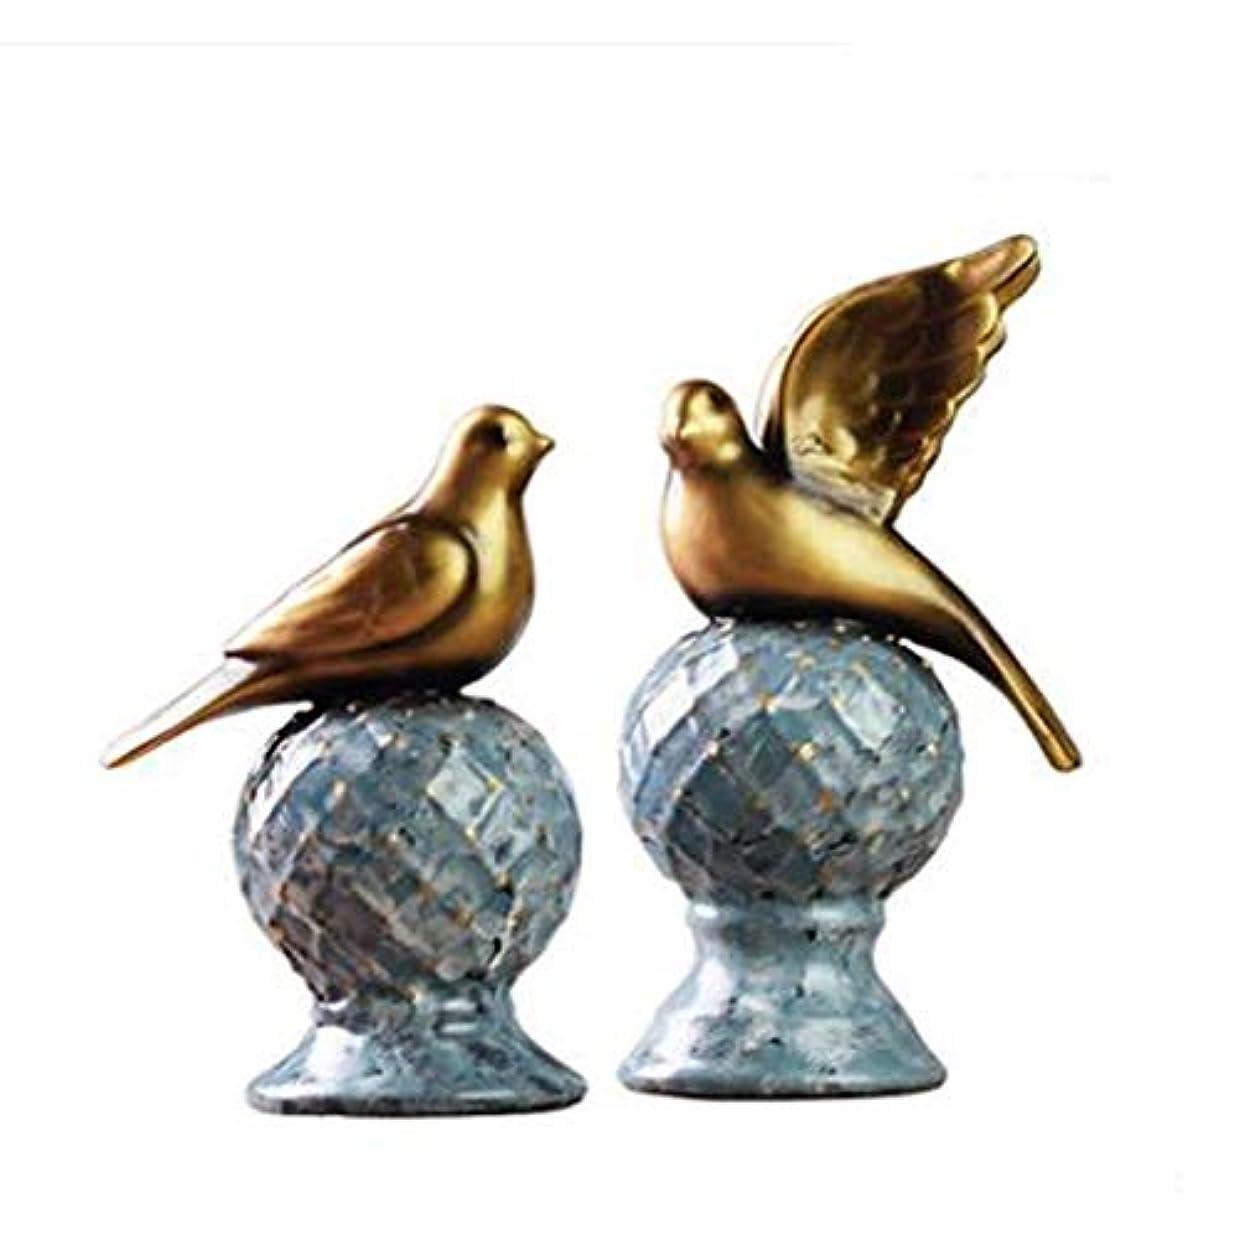 バイソン散らす無限Jingfengtongxun 装飾品、装飾品、現代ヨーロッパの居間、ポーチ、樹脂工芸品、アメリカのテレビキャビネット、鳥の陳列,スタイリッシュなホリデーギフト (Color : Gold)